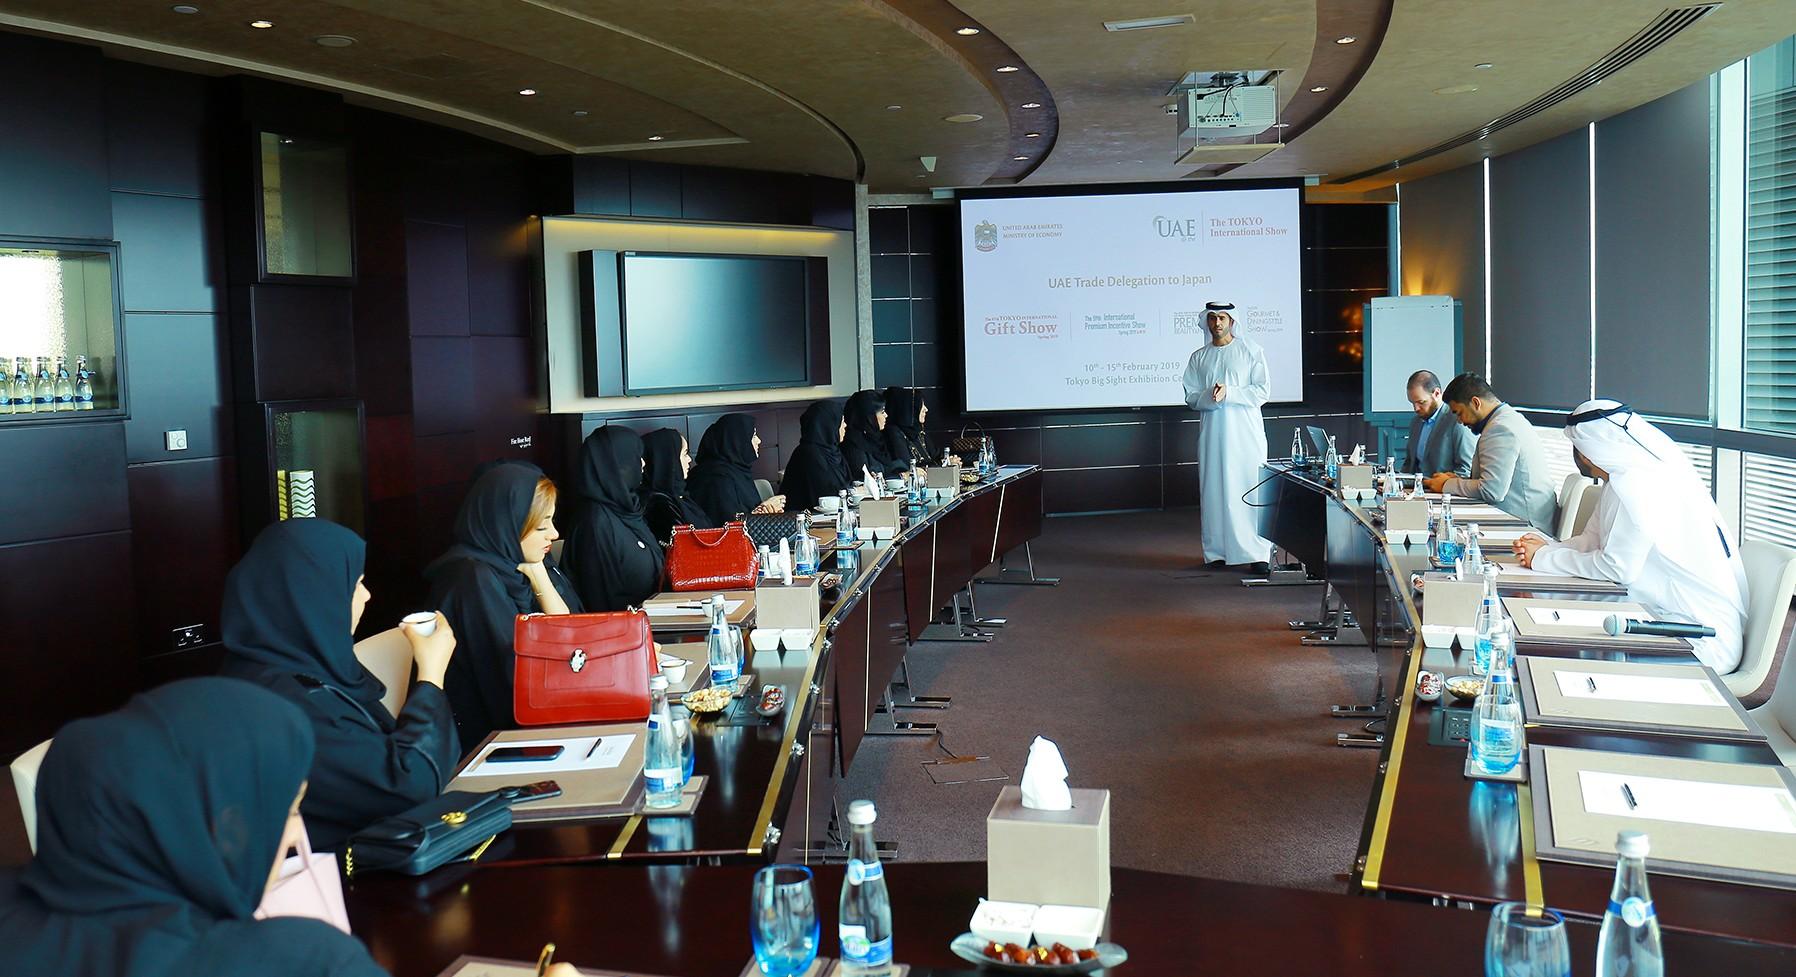 الإمارات تشارك في المعرض الدولي بطوكيو